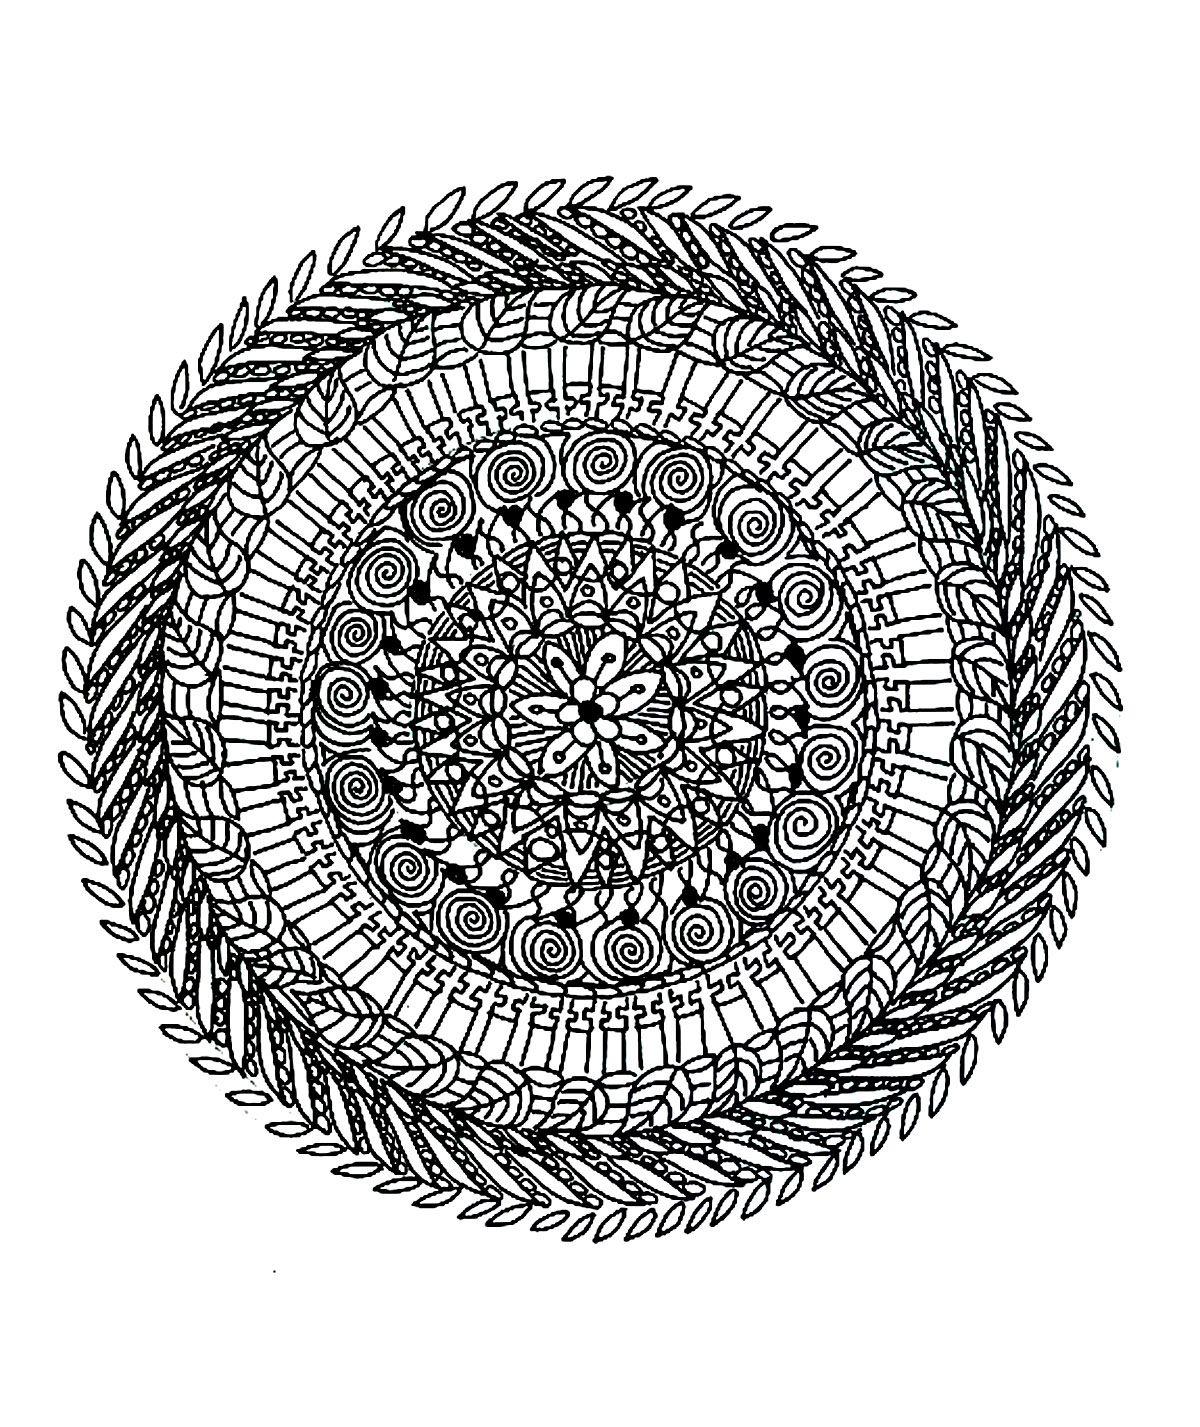 Free Coloring Page «Coloring-Free-Mandala-Difficult-Adult intérieur Coloriage Adultes À Imprimer